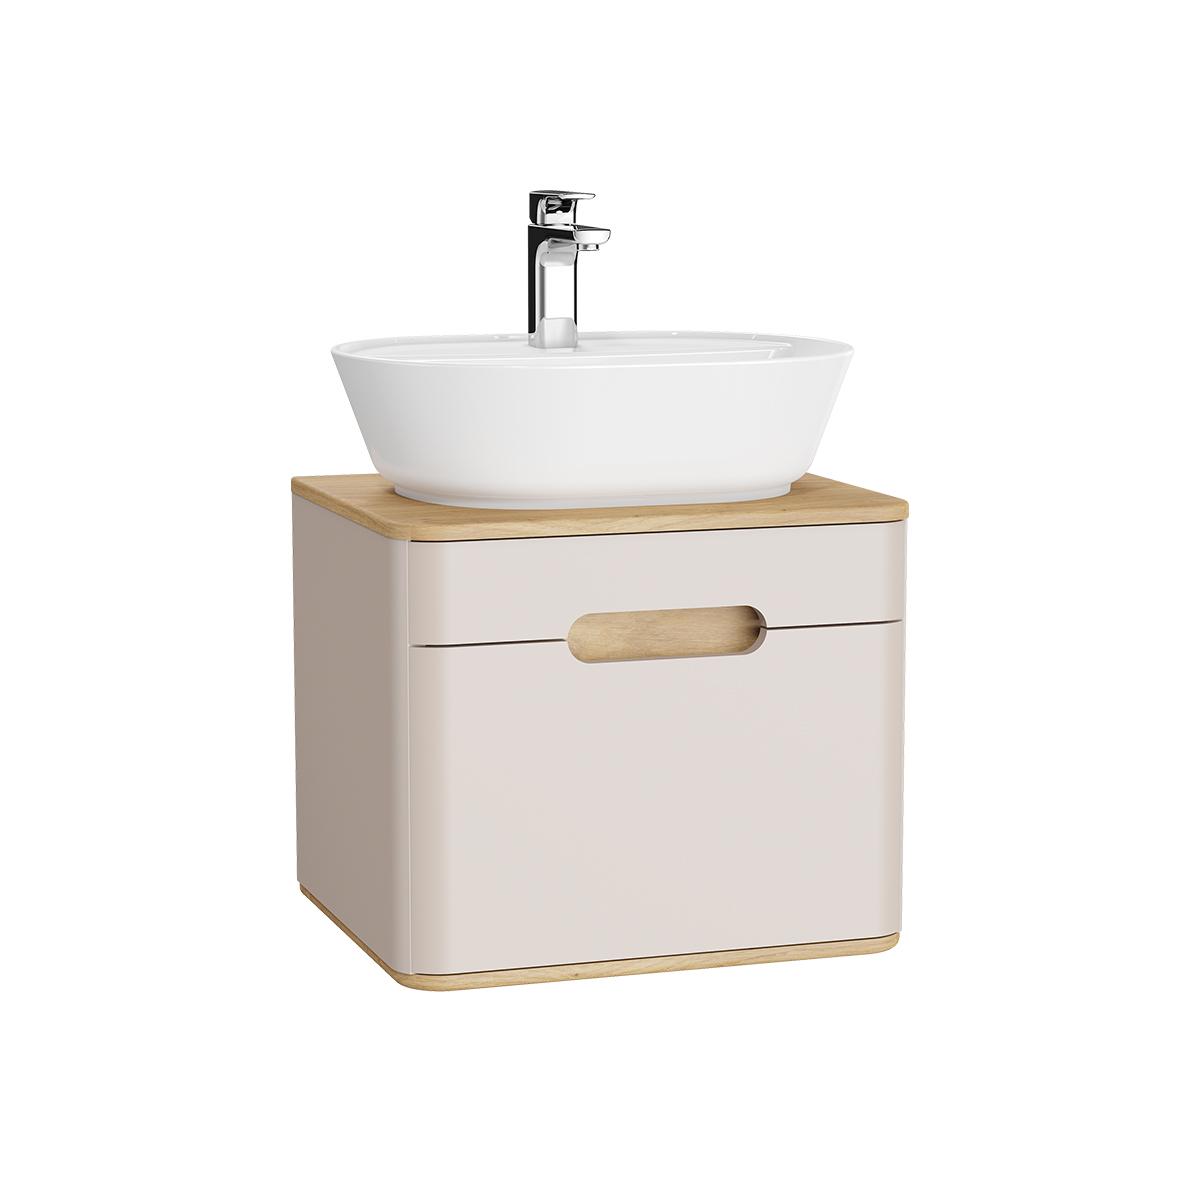 Sento Waschtischunterschrank, 55 cm, für Aufsatzwaschtische, mit 1 Vollauszug, Crème Matt